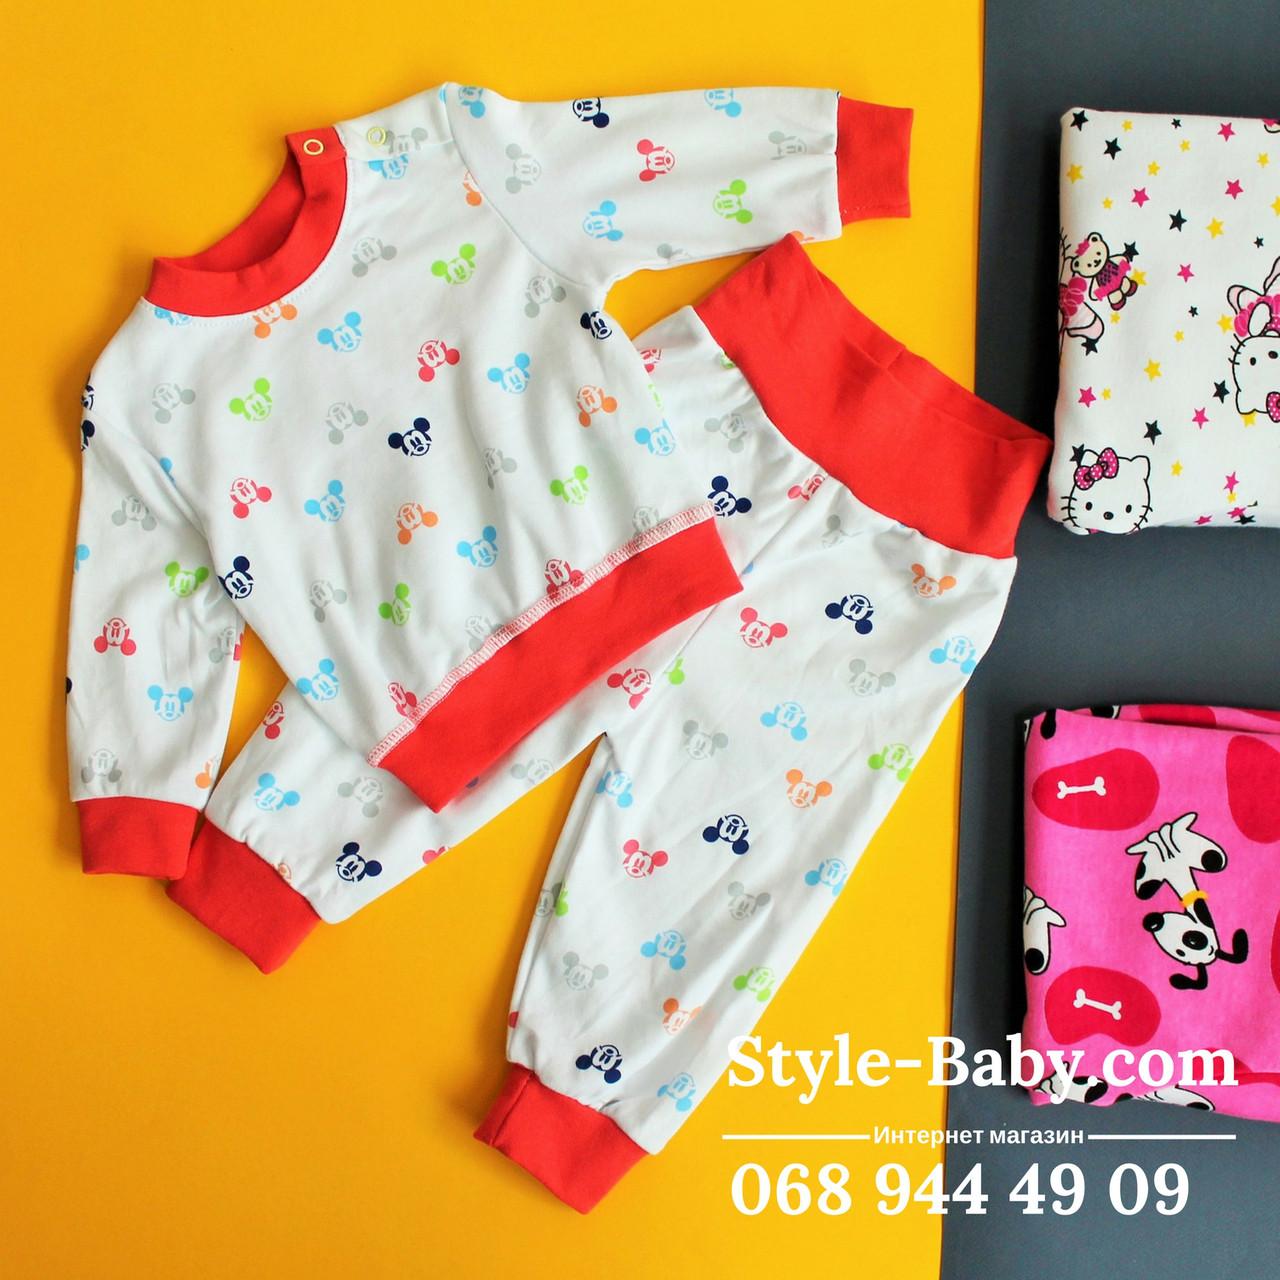 Детская пижама для девочки  материал интерлок для  девочки р20,.22,24,26 - Style-Baby детский магазин в Киеве